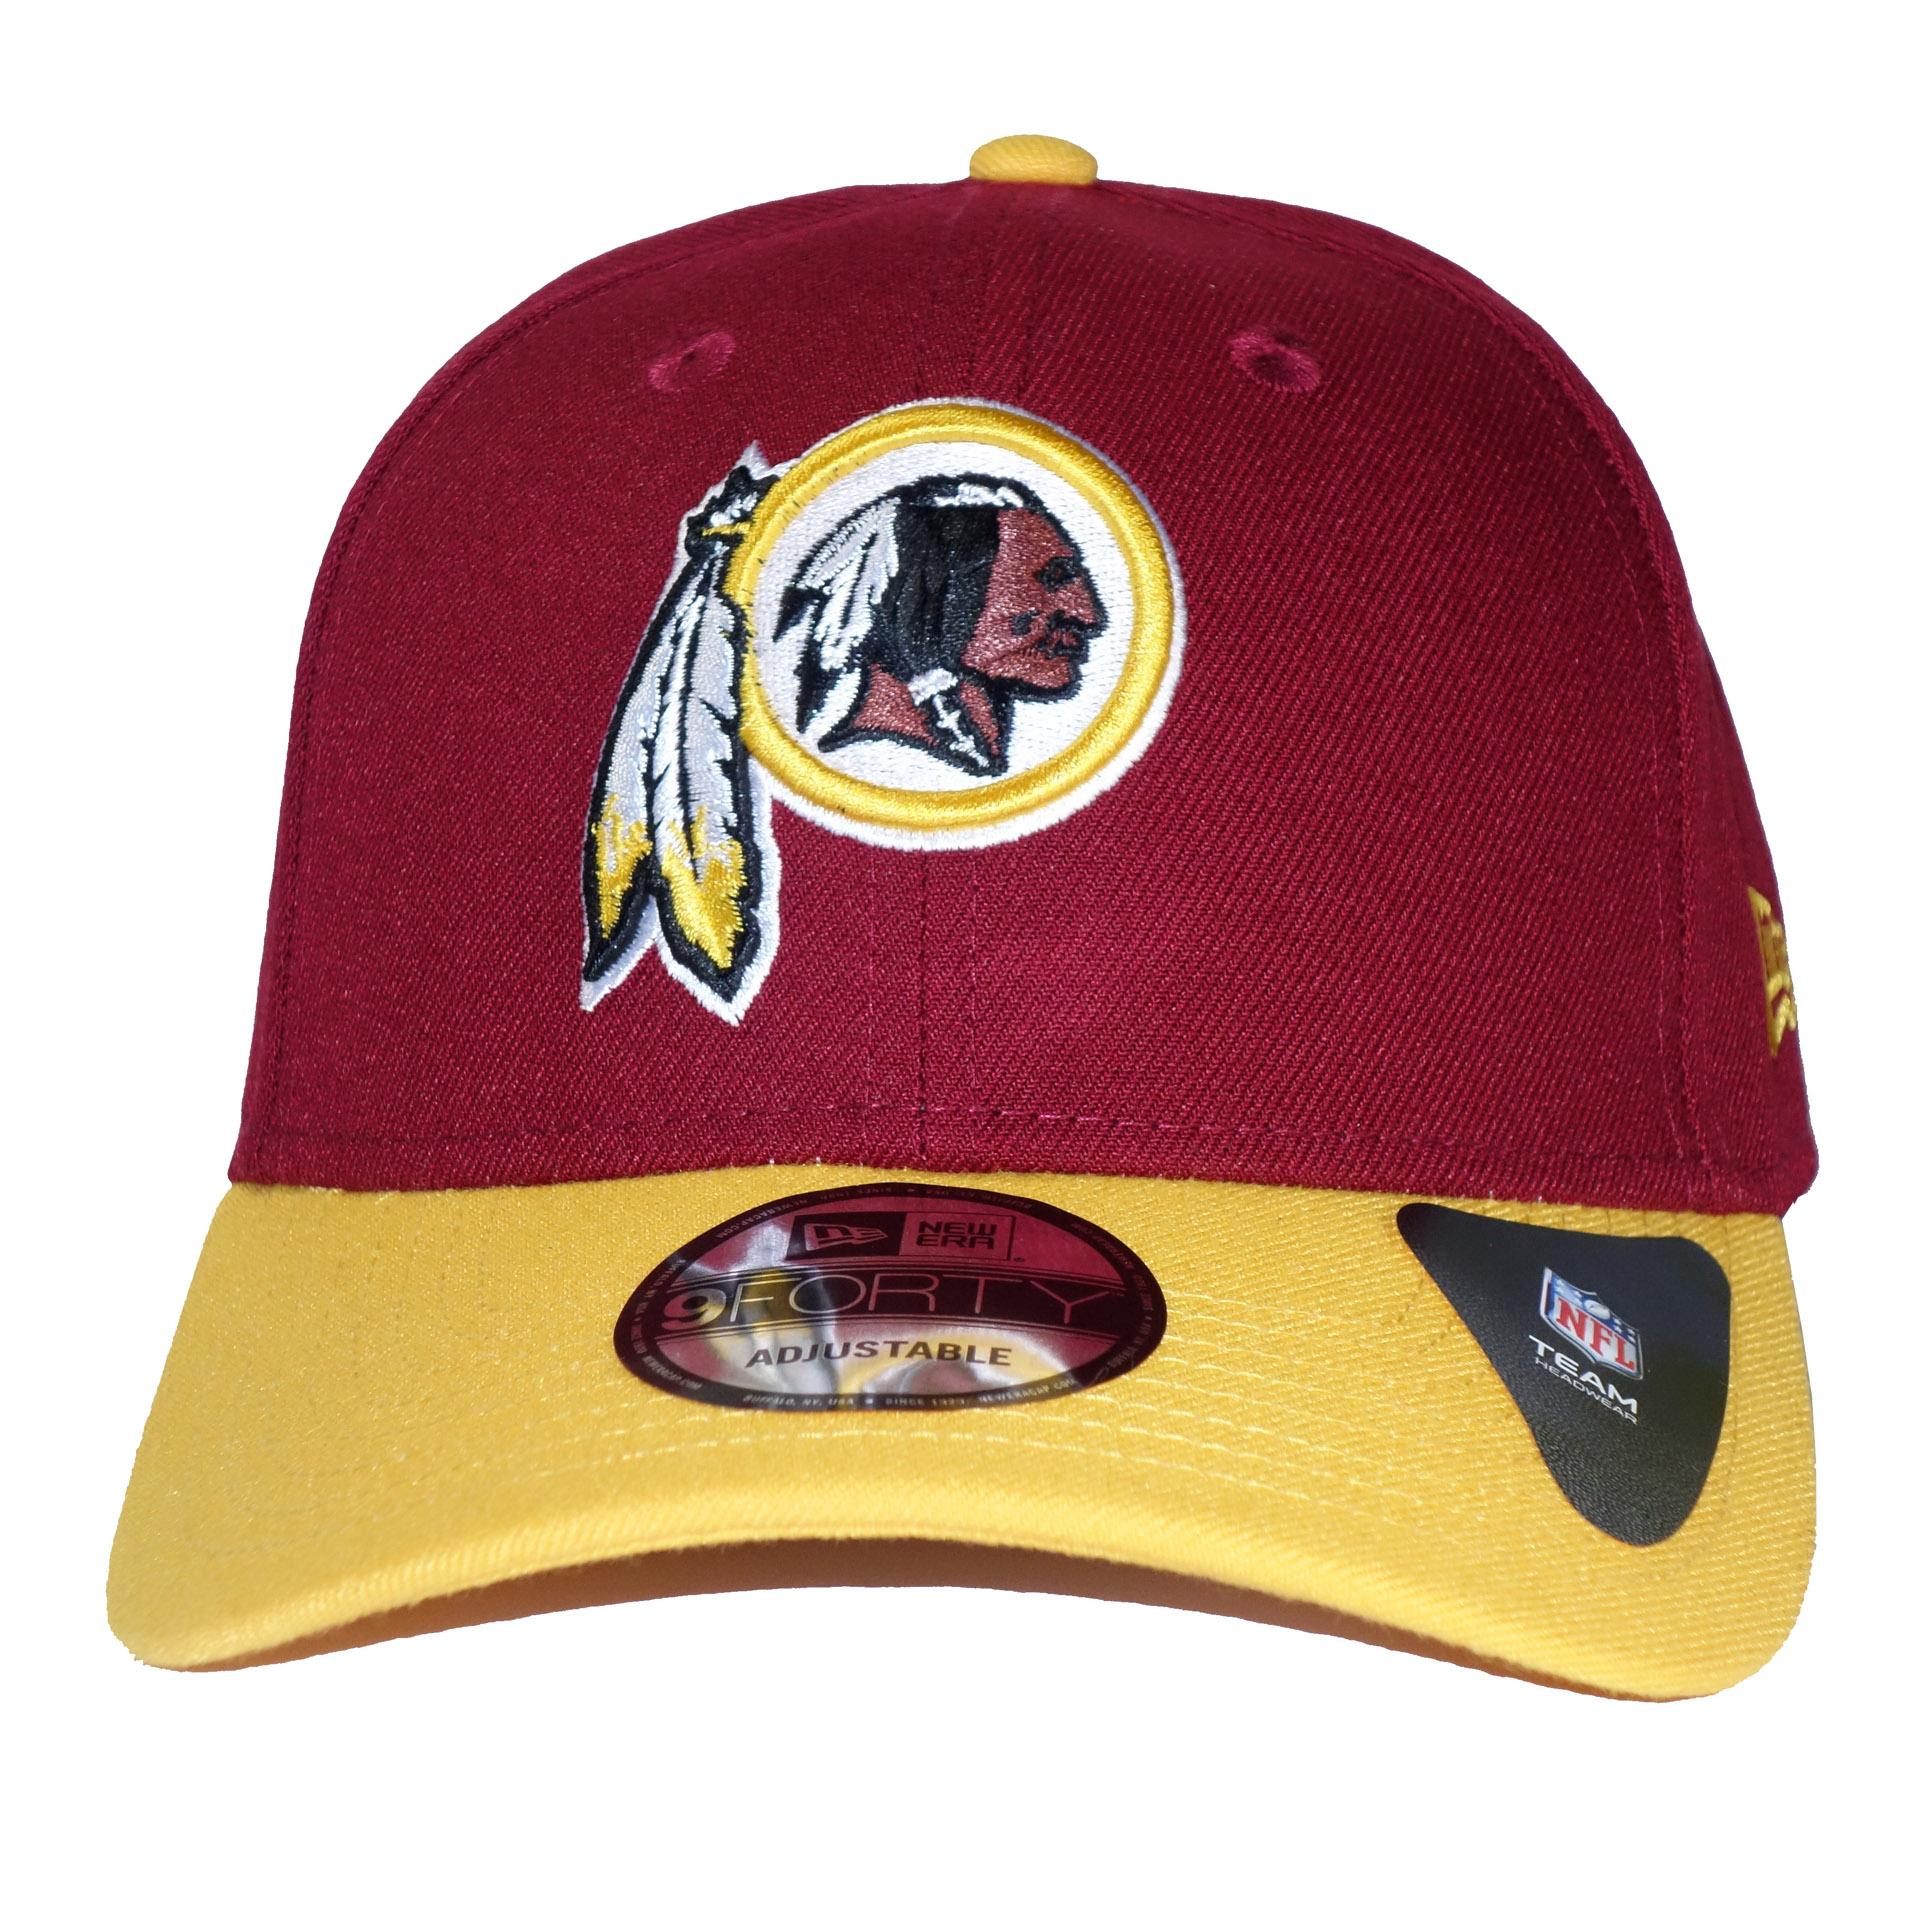 NFL New Era Cap Washington Redskins